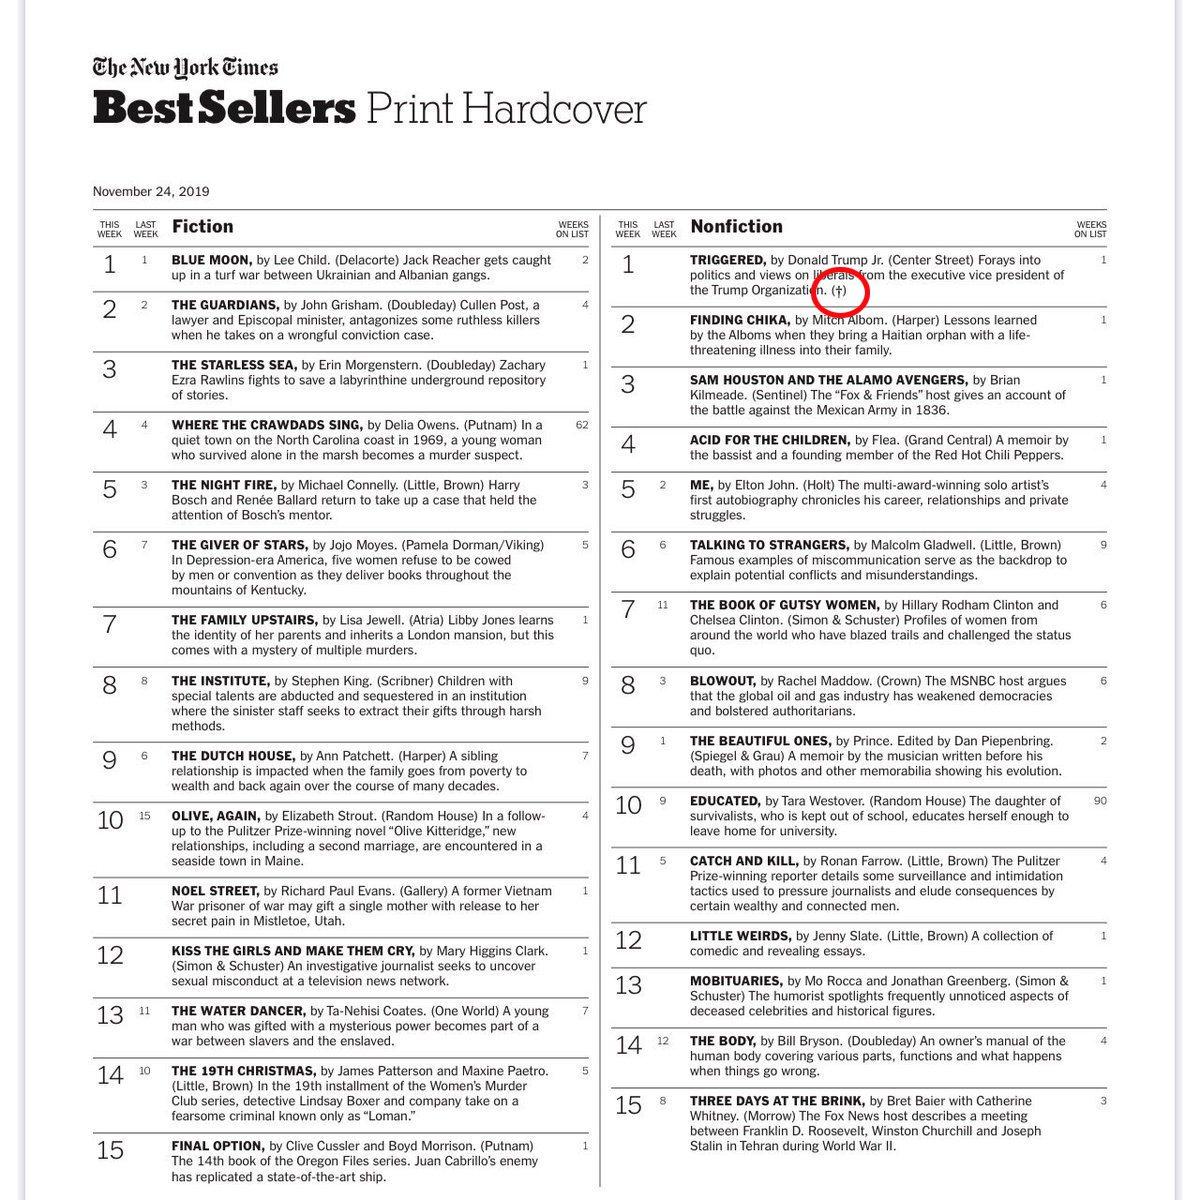 非小說類第一名(右上)有劍的符號註記。圖/摘自紐約時報暢銷書排行榜官網